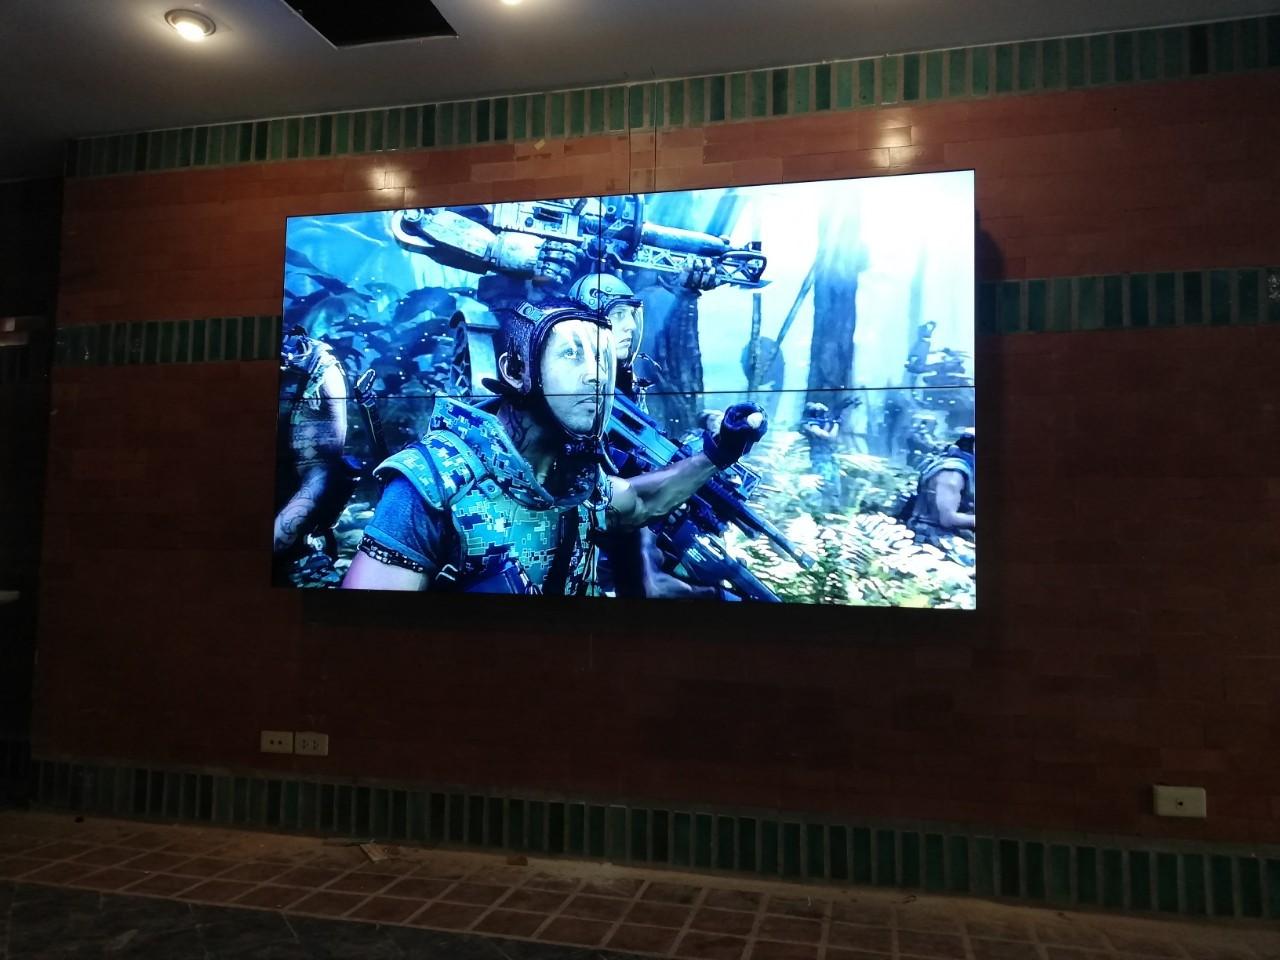 งานติดตั้ง Video Wall (2x1) และ (2x2) – ศูนย์อบรม ธนาคารกรุงไทย สาขาเขาใหญ่